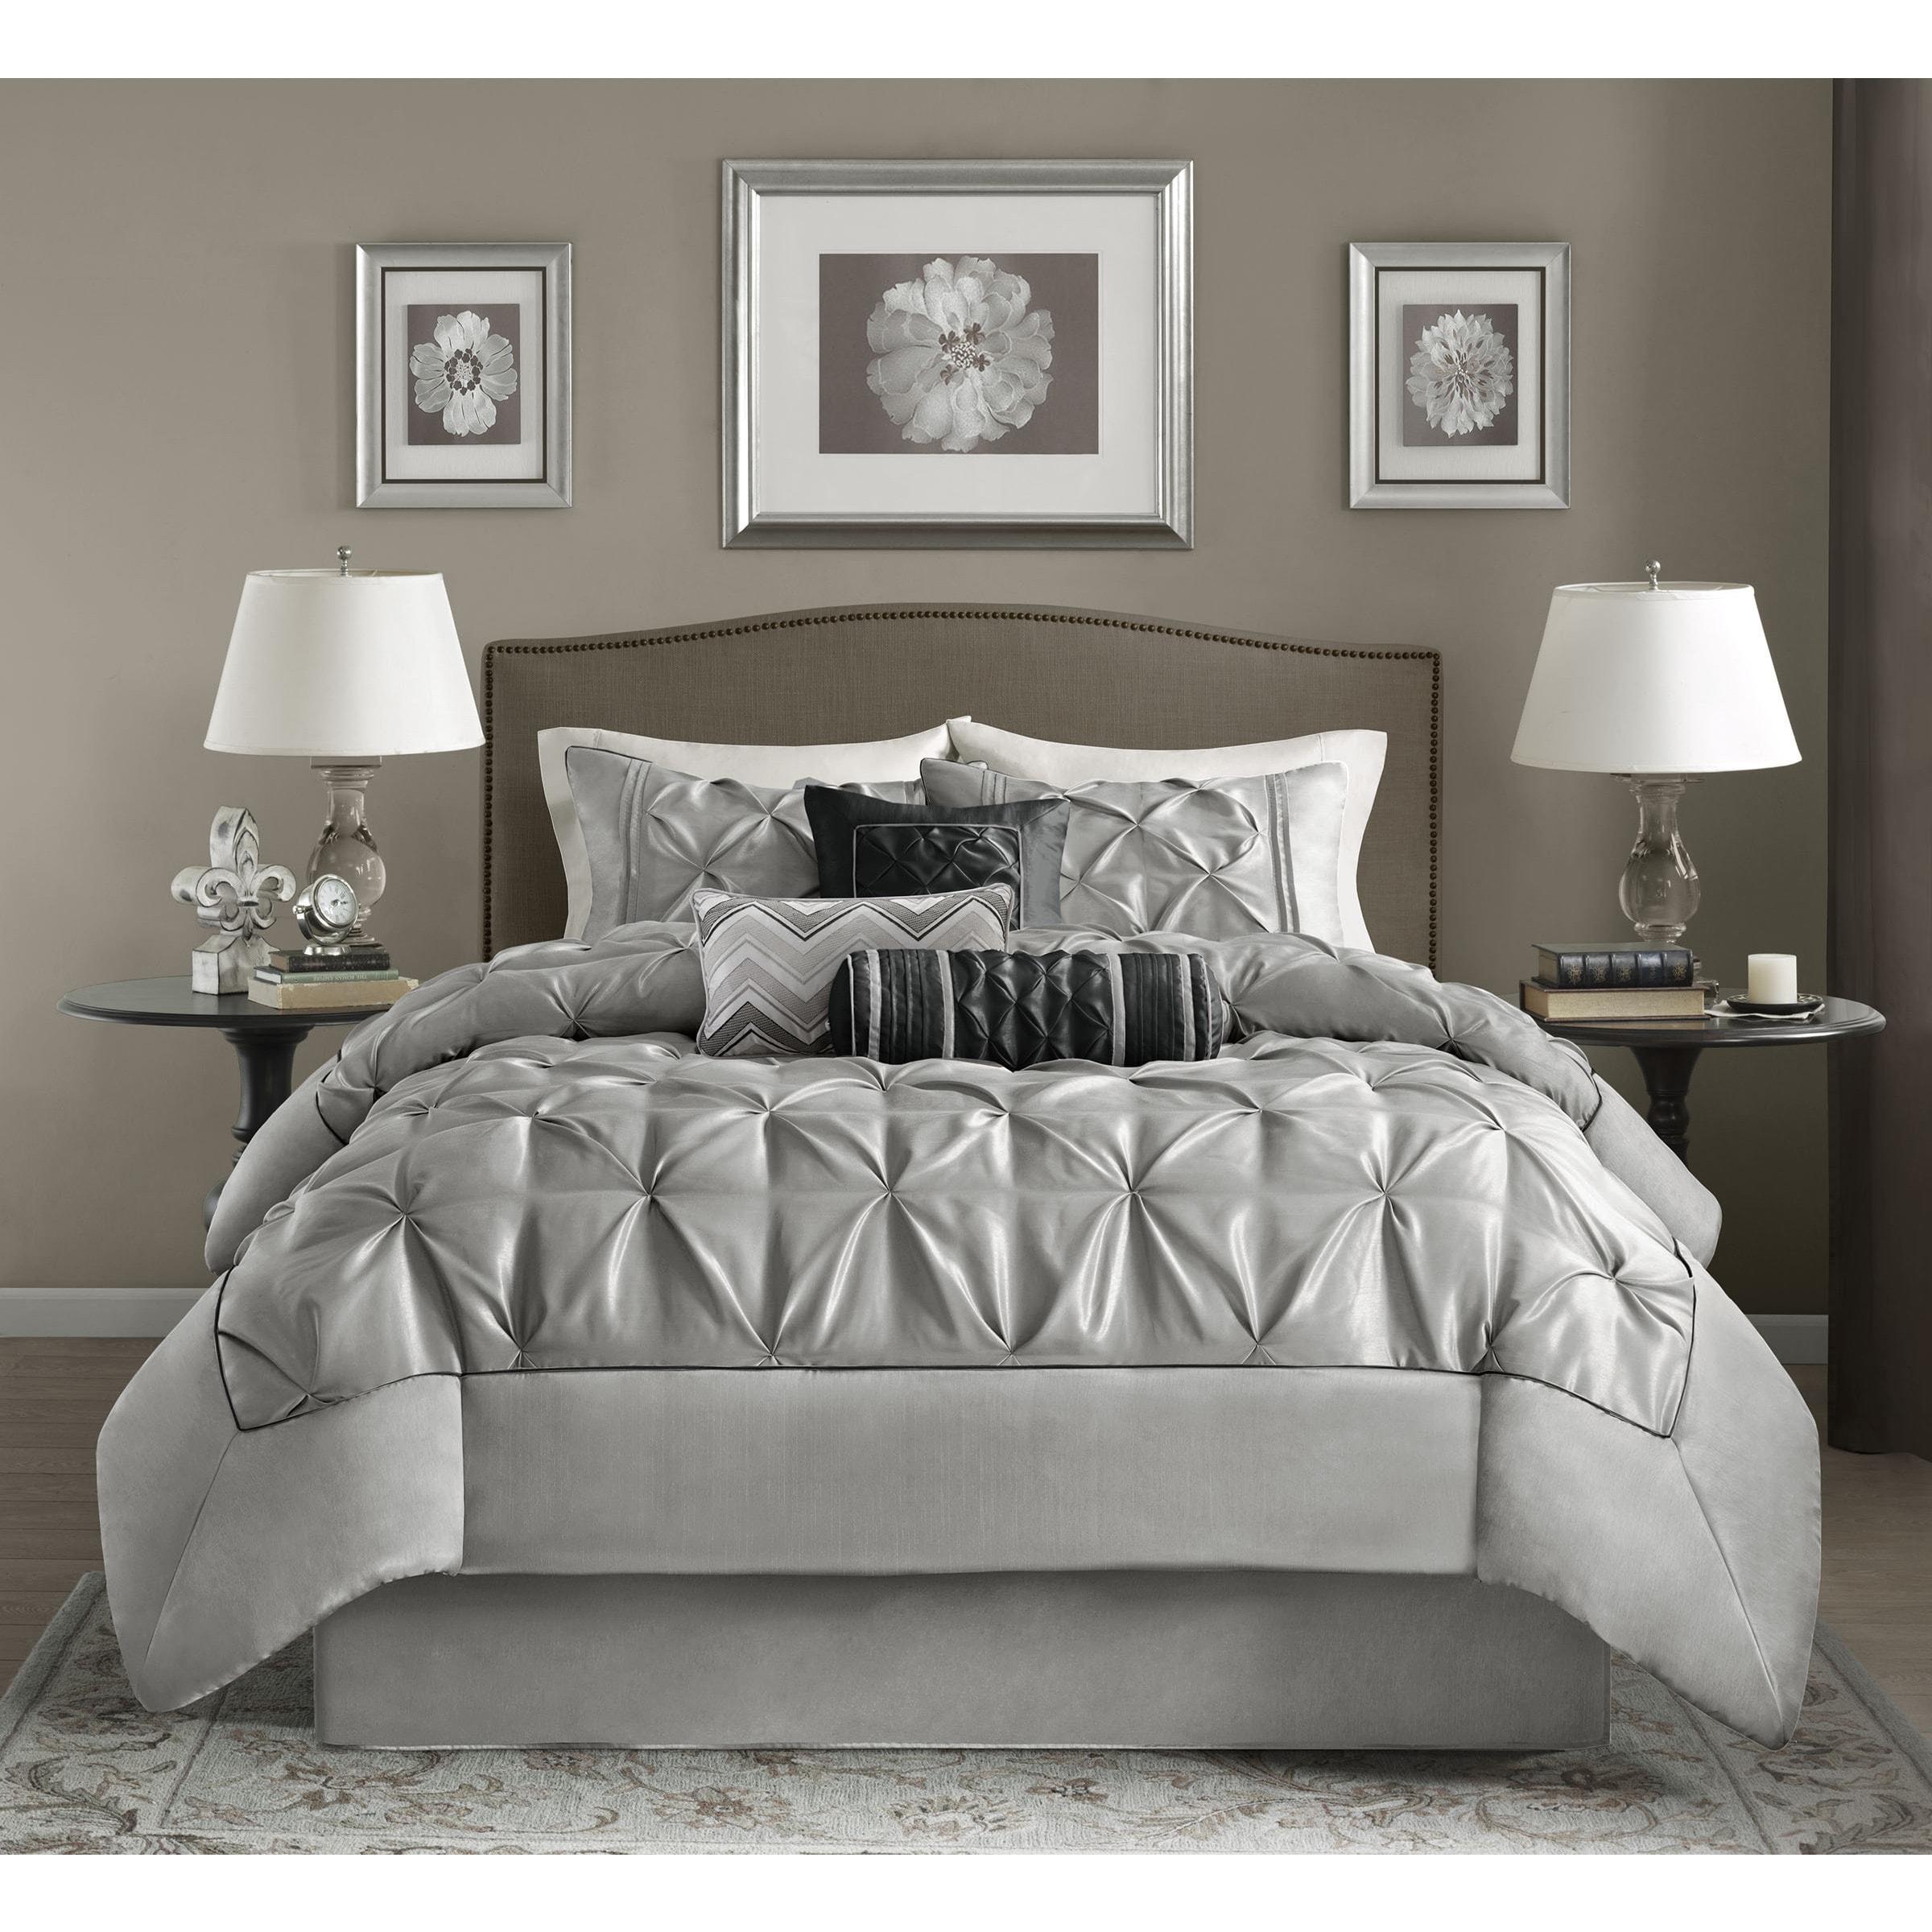 amazon elle bed bedding microfiber dp queen full pinstripe comforter down home com kitchen overstock